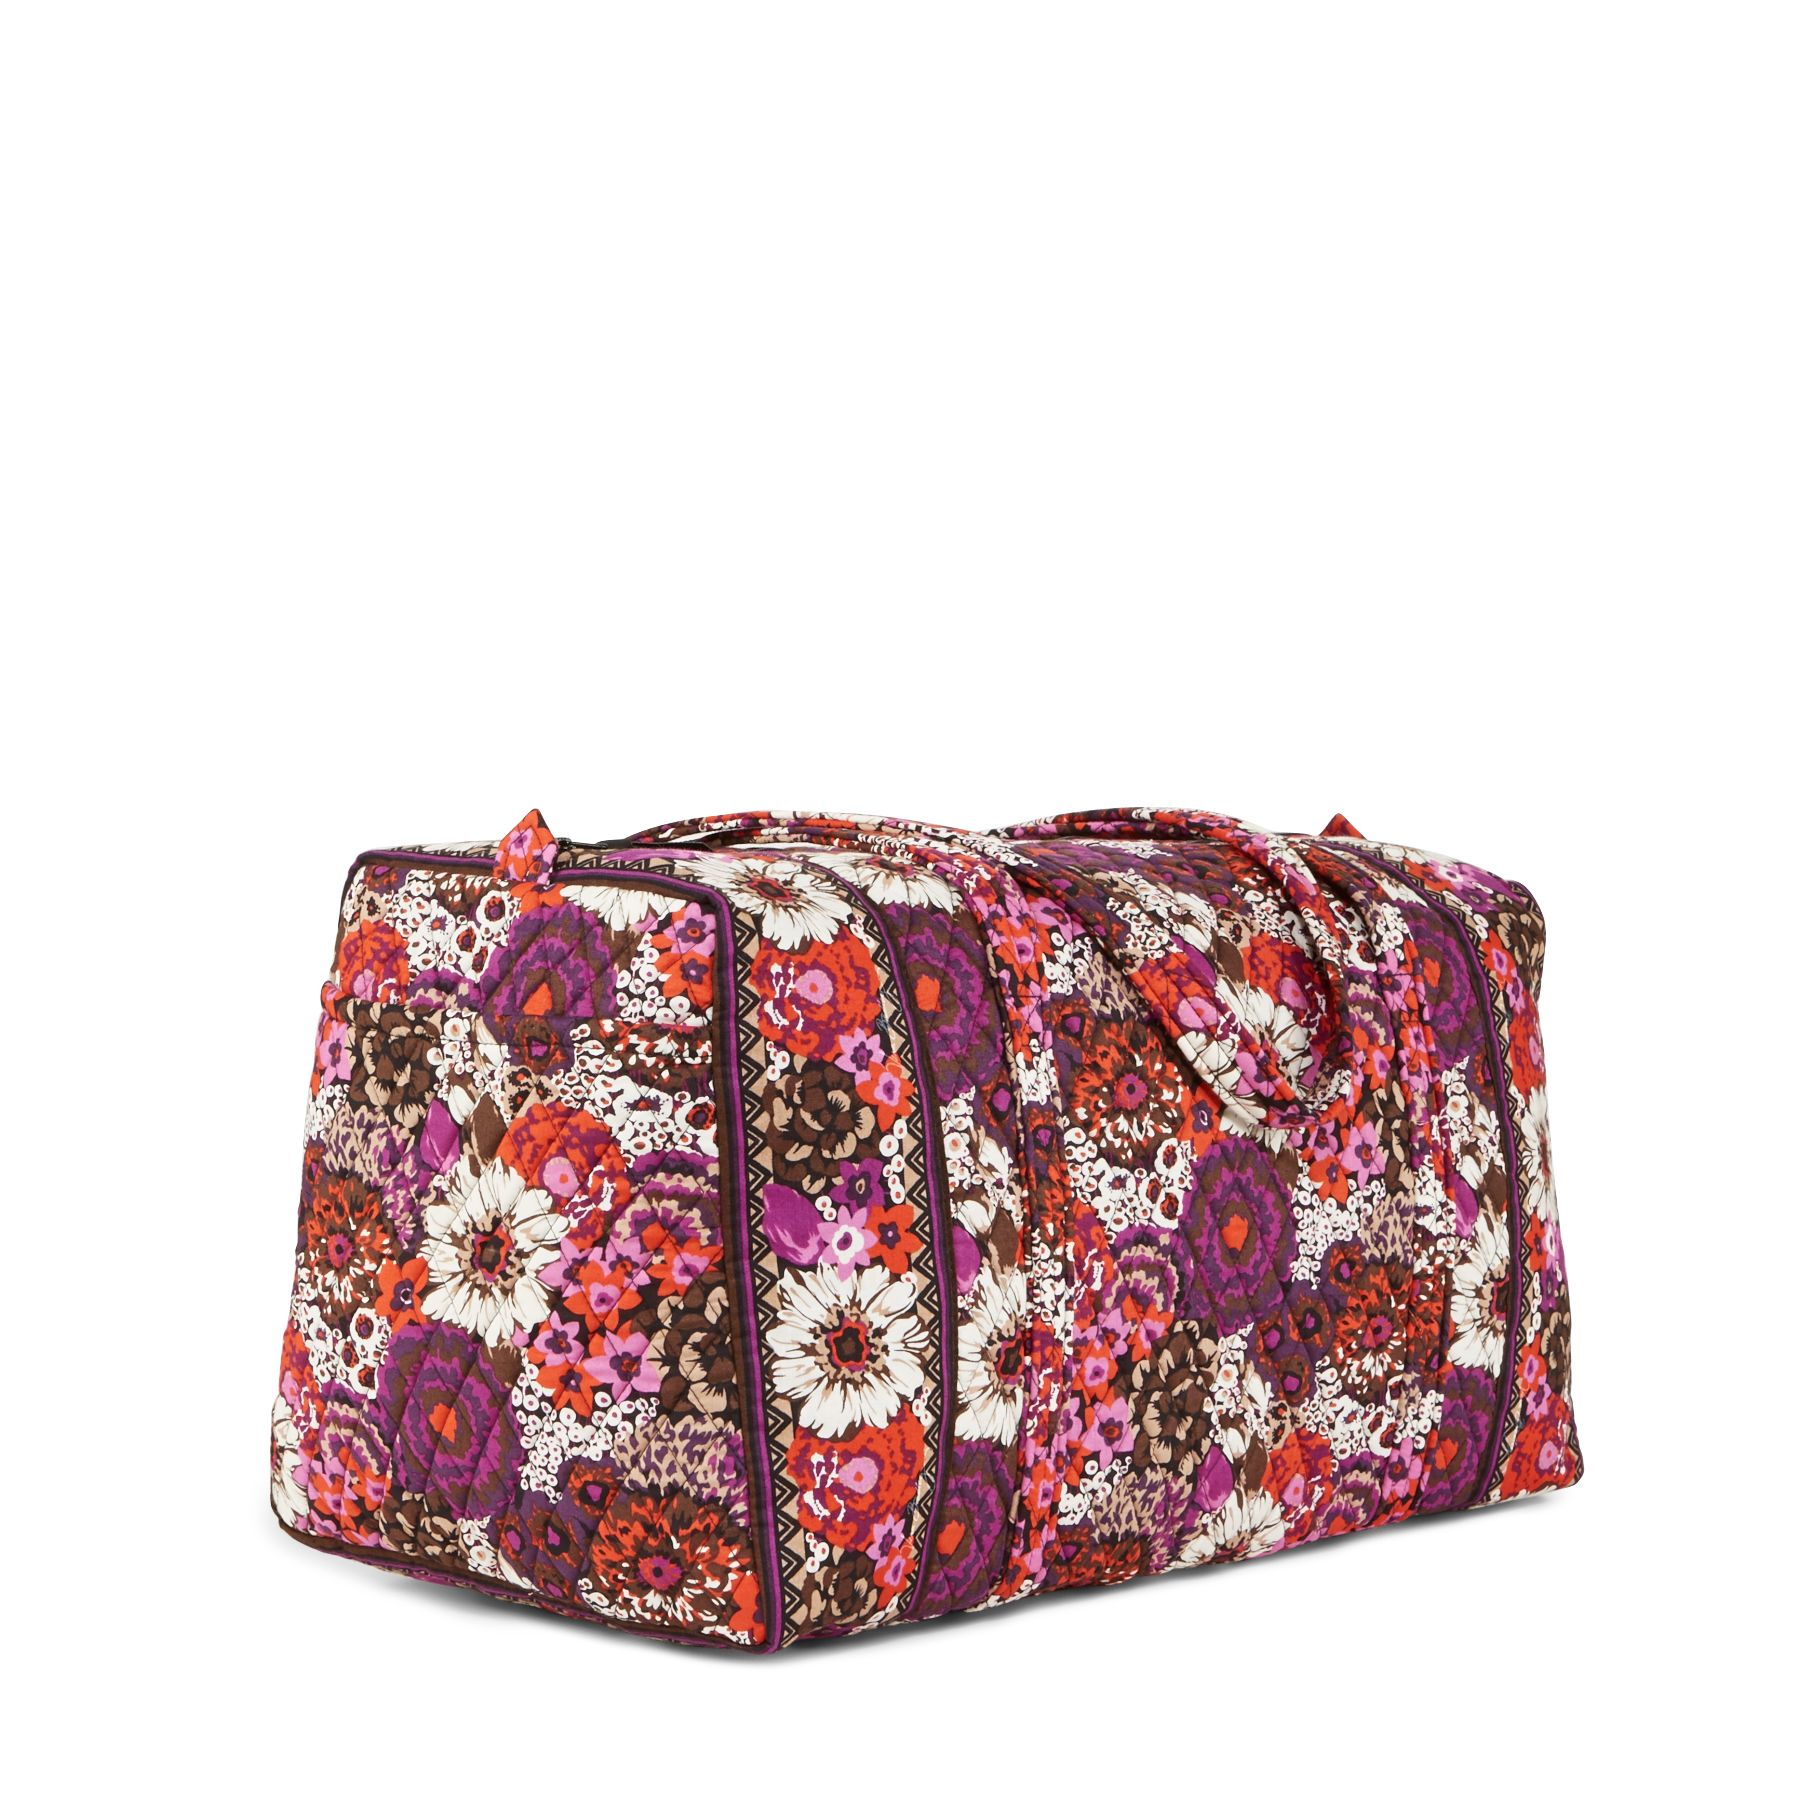 Vera Bradley Travel Bag Ebay